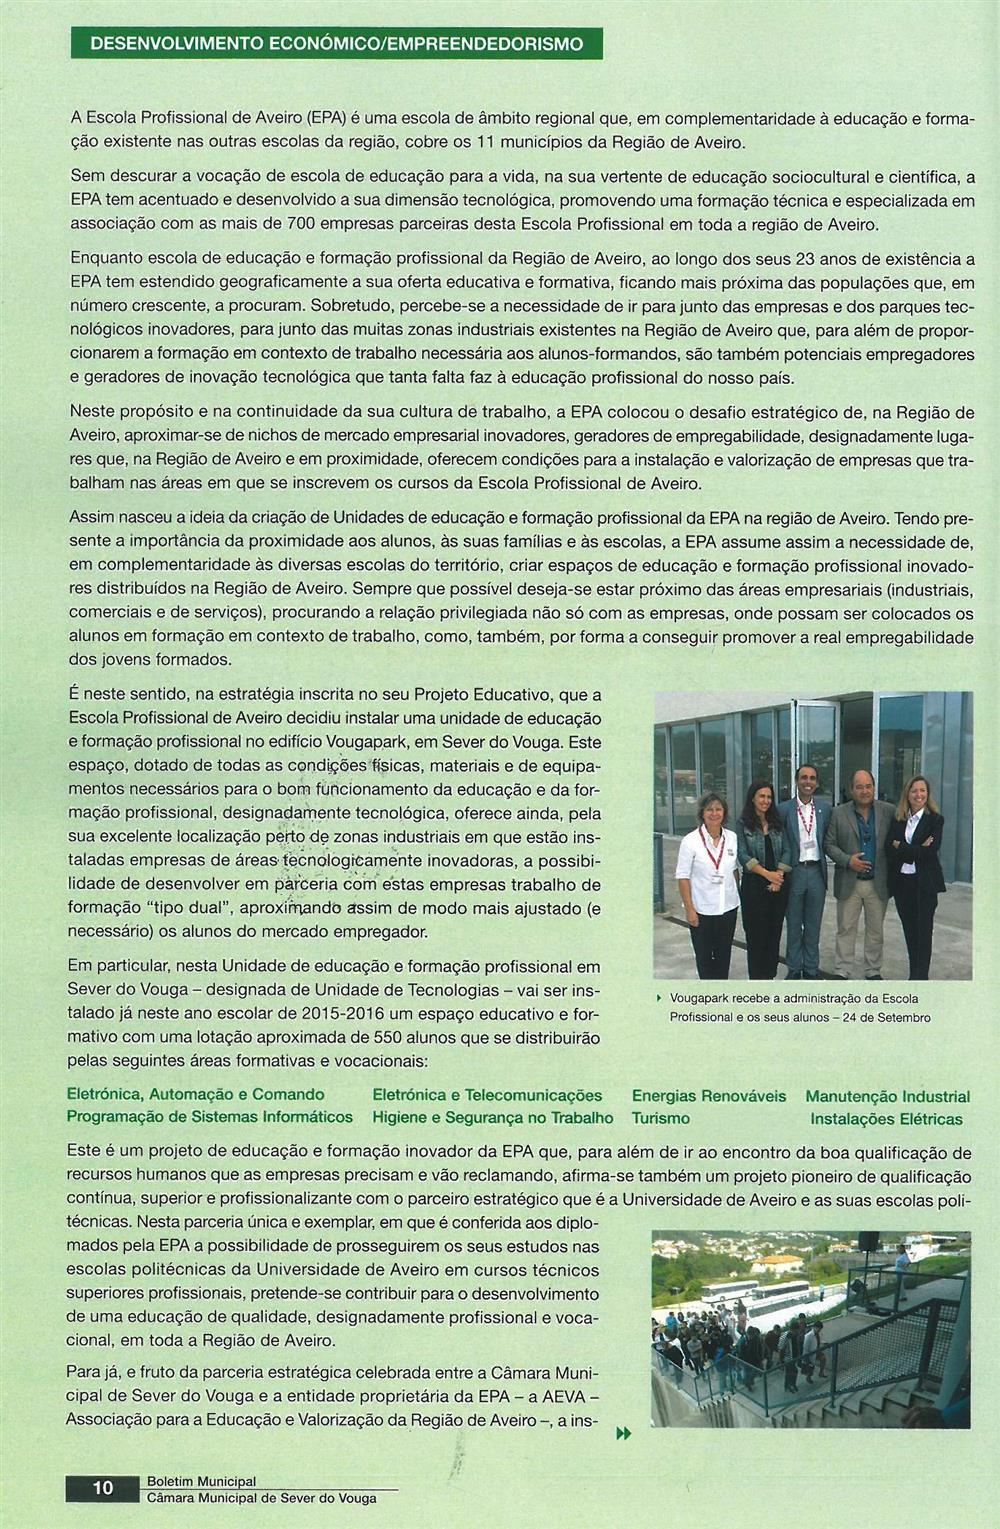 BoletimMunicipal-n.º32-nov.'15-p.10-VougaPark : desenvolvimento económico : empreendedorismo.jpg